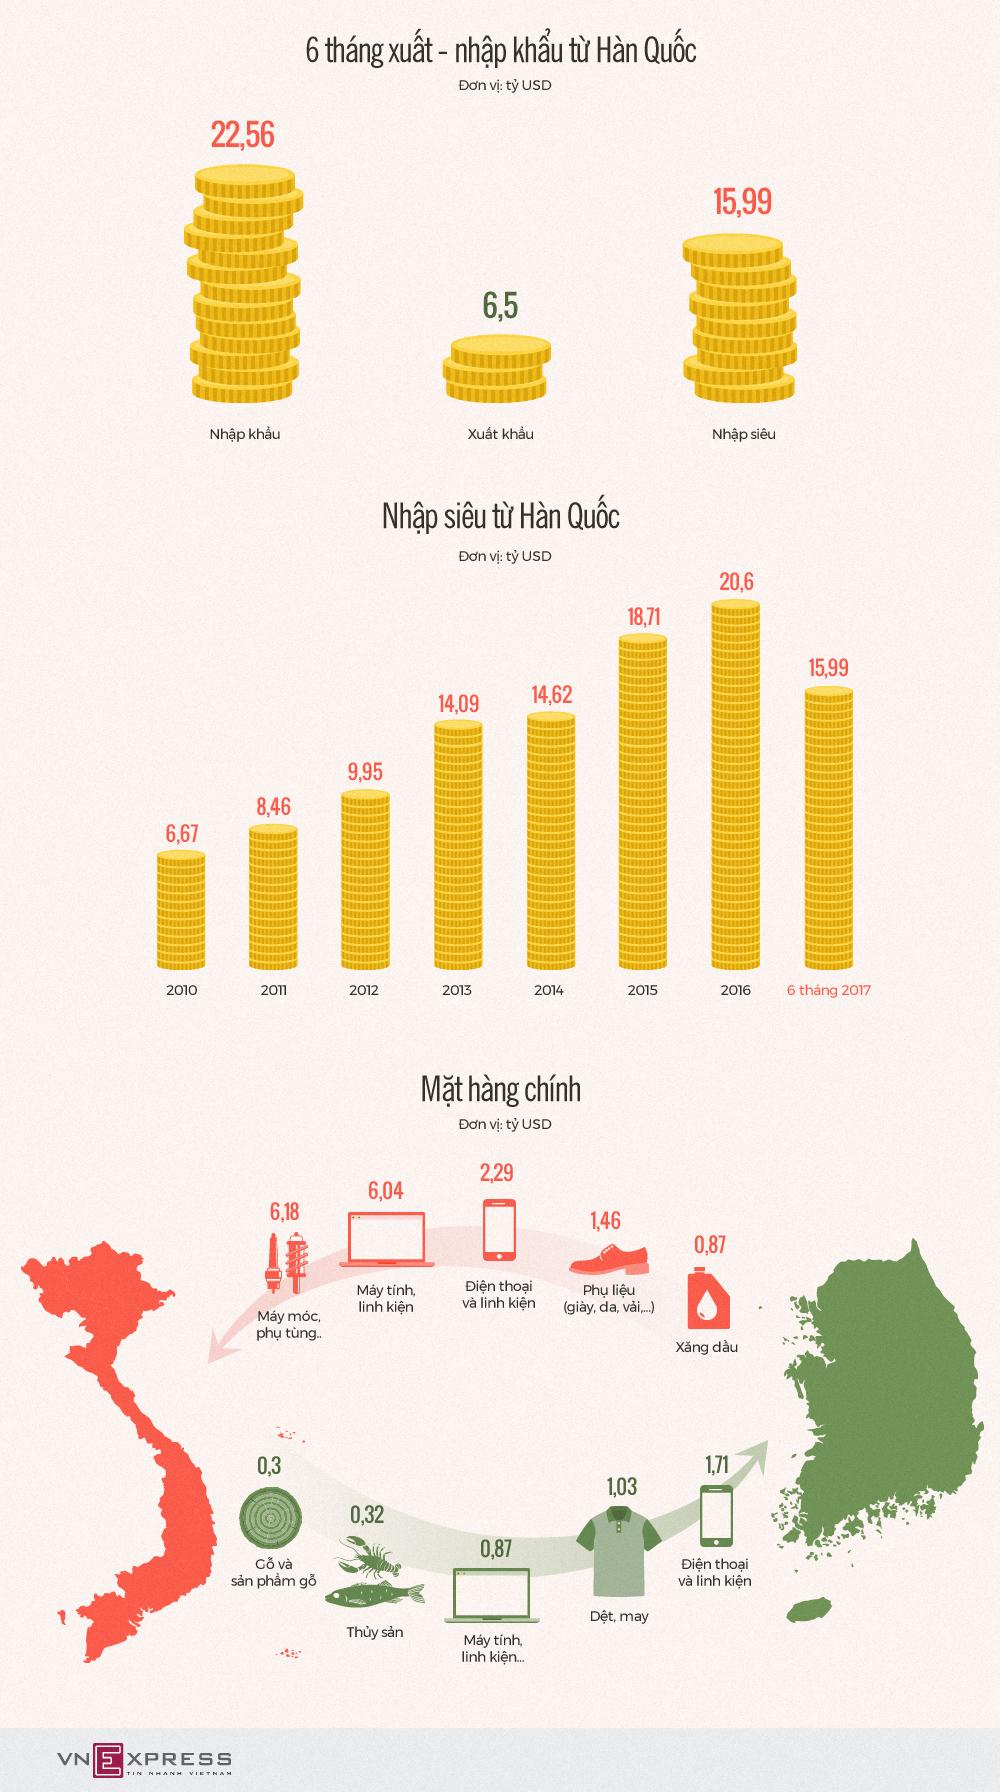 Hàn Quốc thành thị trường nhập siêu lớn nhất của Việt Nam như thế nào